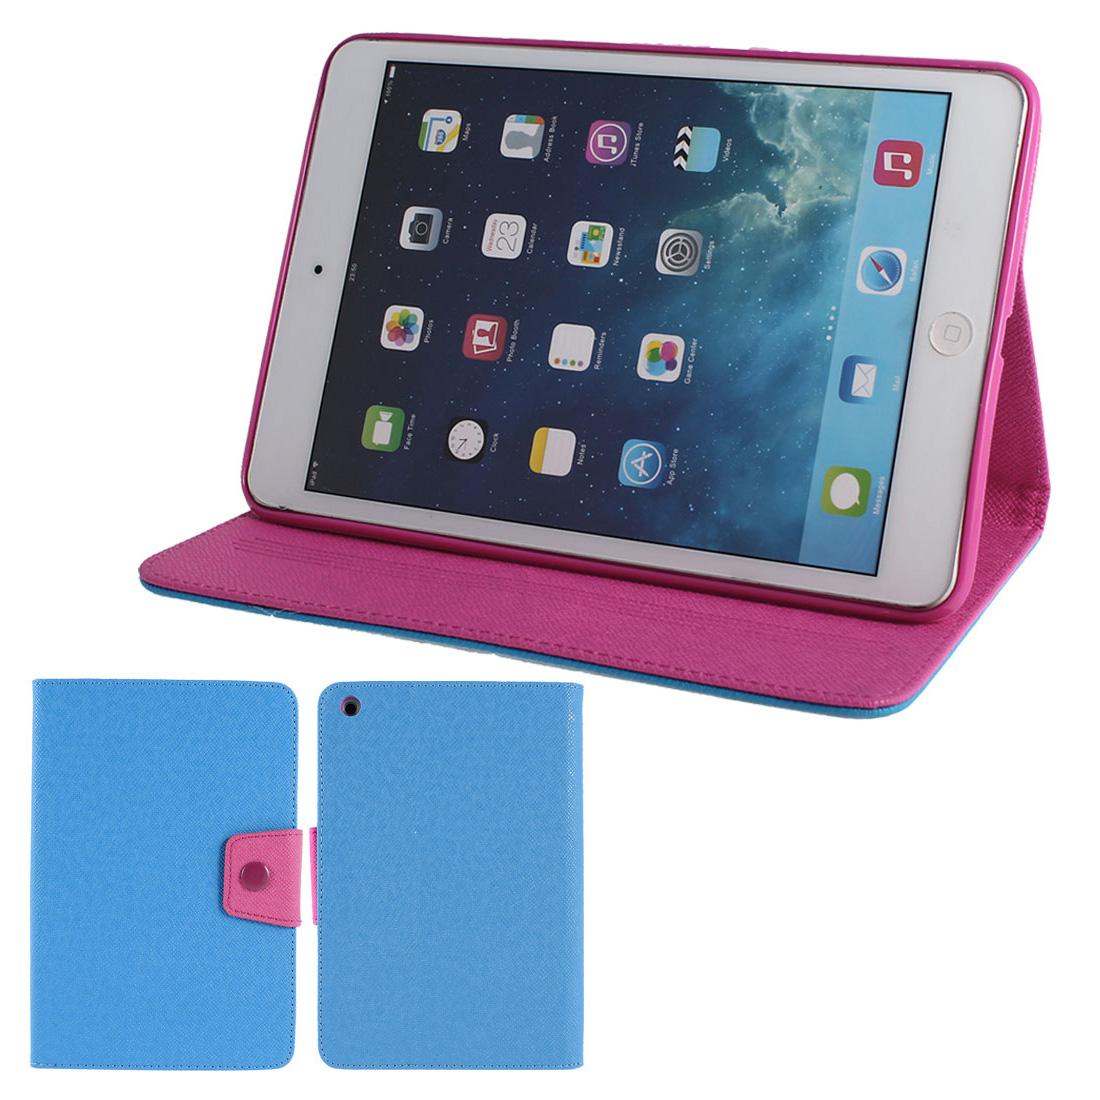 Blue PU Leather Fushia Silicone Holder Folio Flip Stand Case Cover for iPad Mini